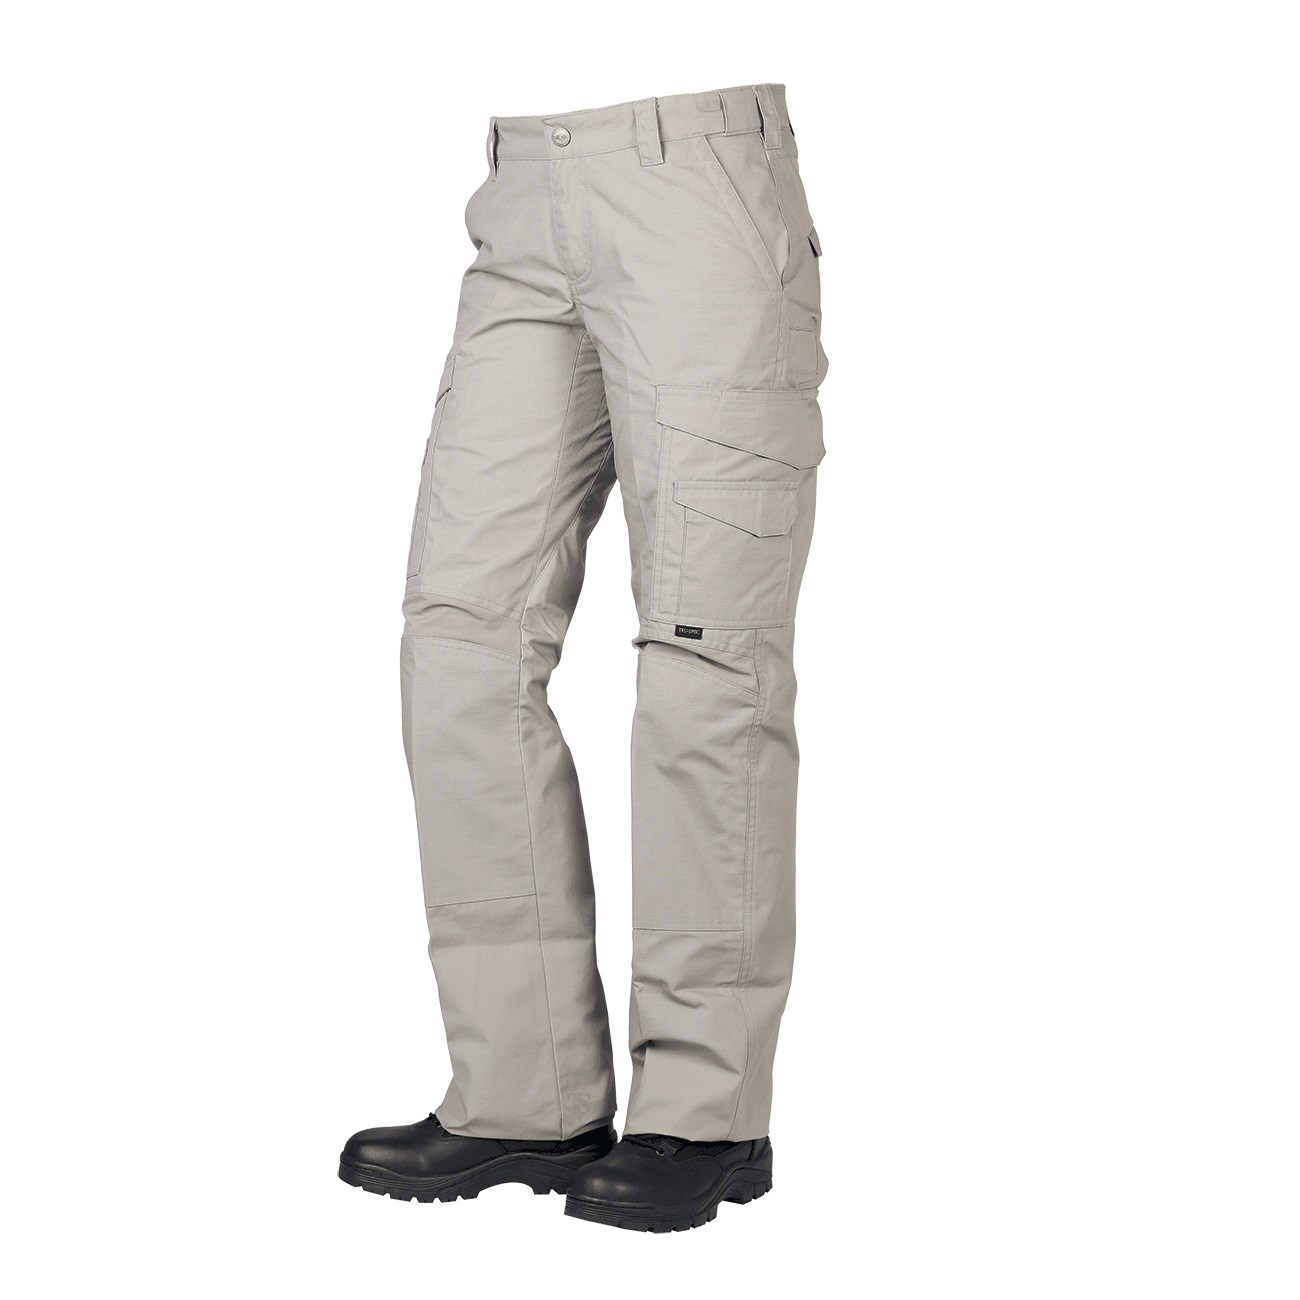 Nohavice dámske 24-7 SERIES® PRO FLEX rip-stop KHAKI